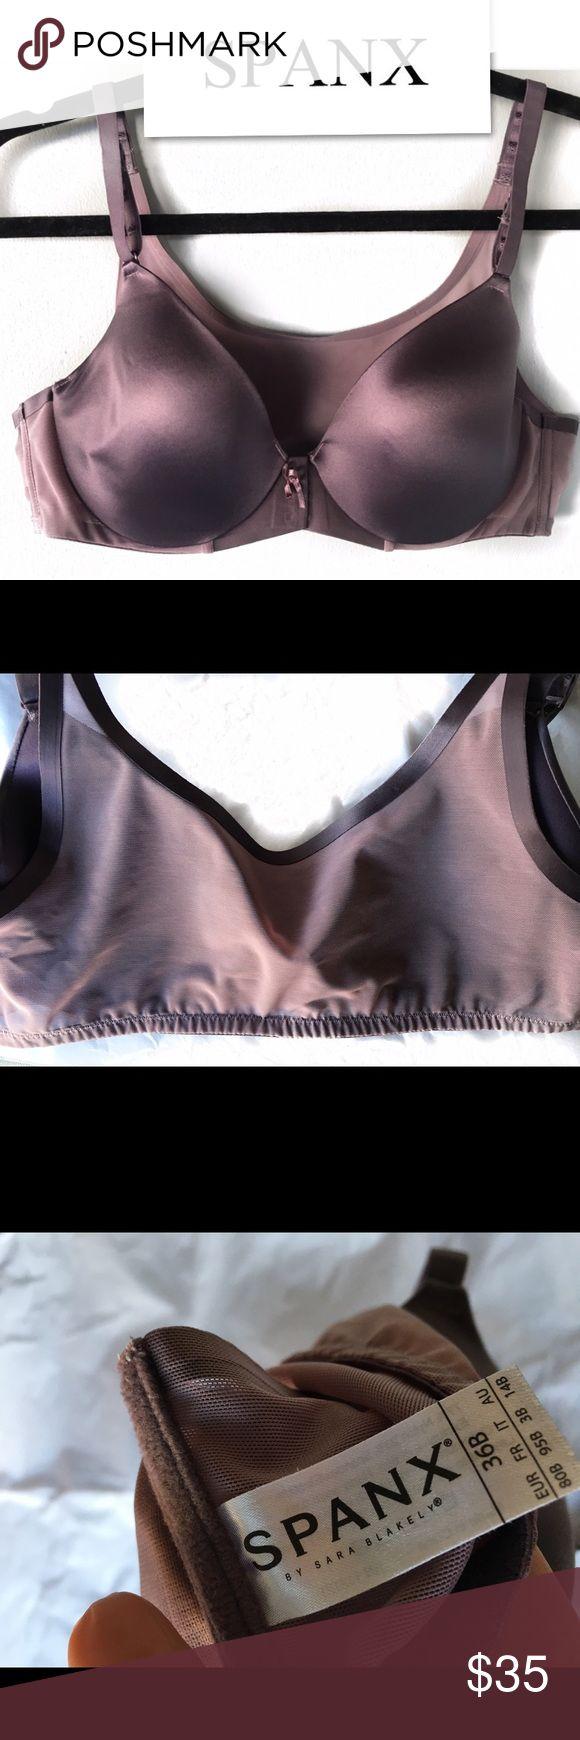 SPANX BRA-VO BREEZY BACK SMOOTHING UNDERWIRE BRA SPANX  BRA-VO BREEZY BACK SMOOTHING UNDERWIRE BRA SZ 36B RETAILS $72 SPANX Intimates & Sleepwear Bras